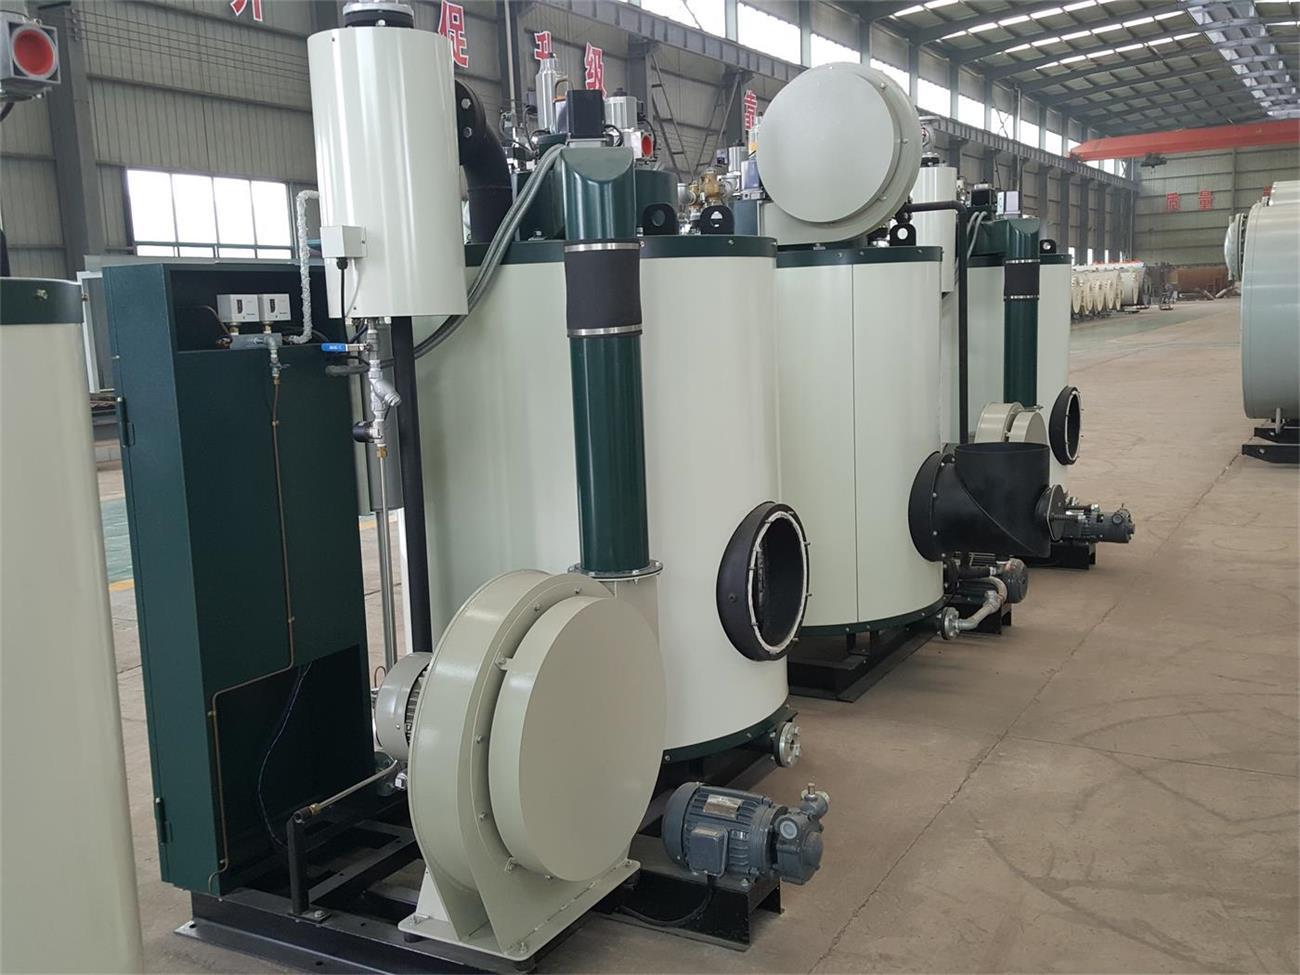 河北燃气贯流锅炉厂家报价「河南省四通锅炉供应」